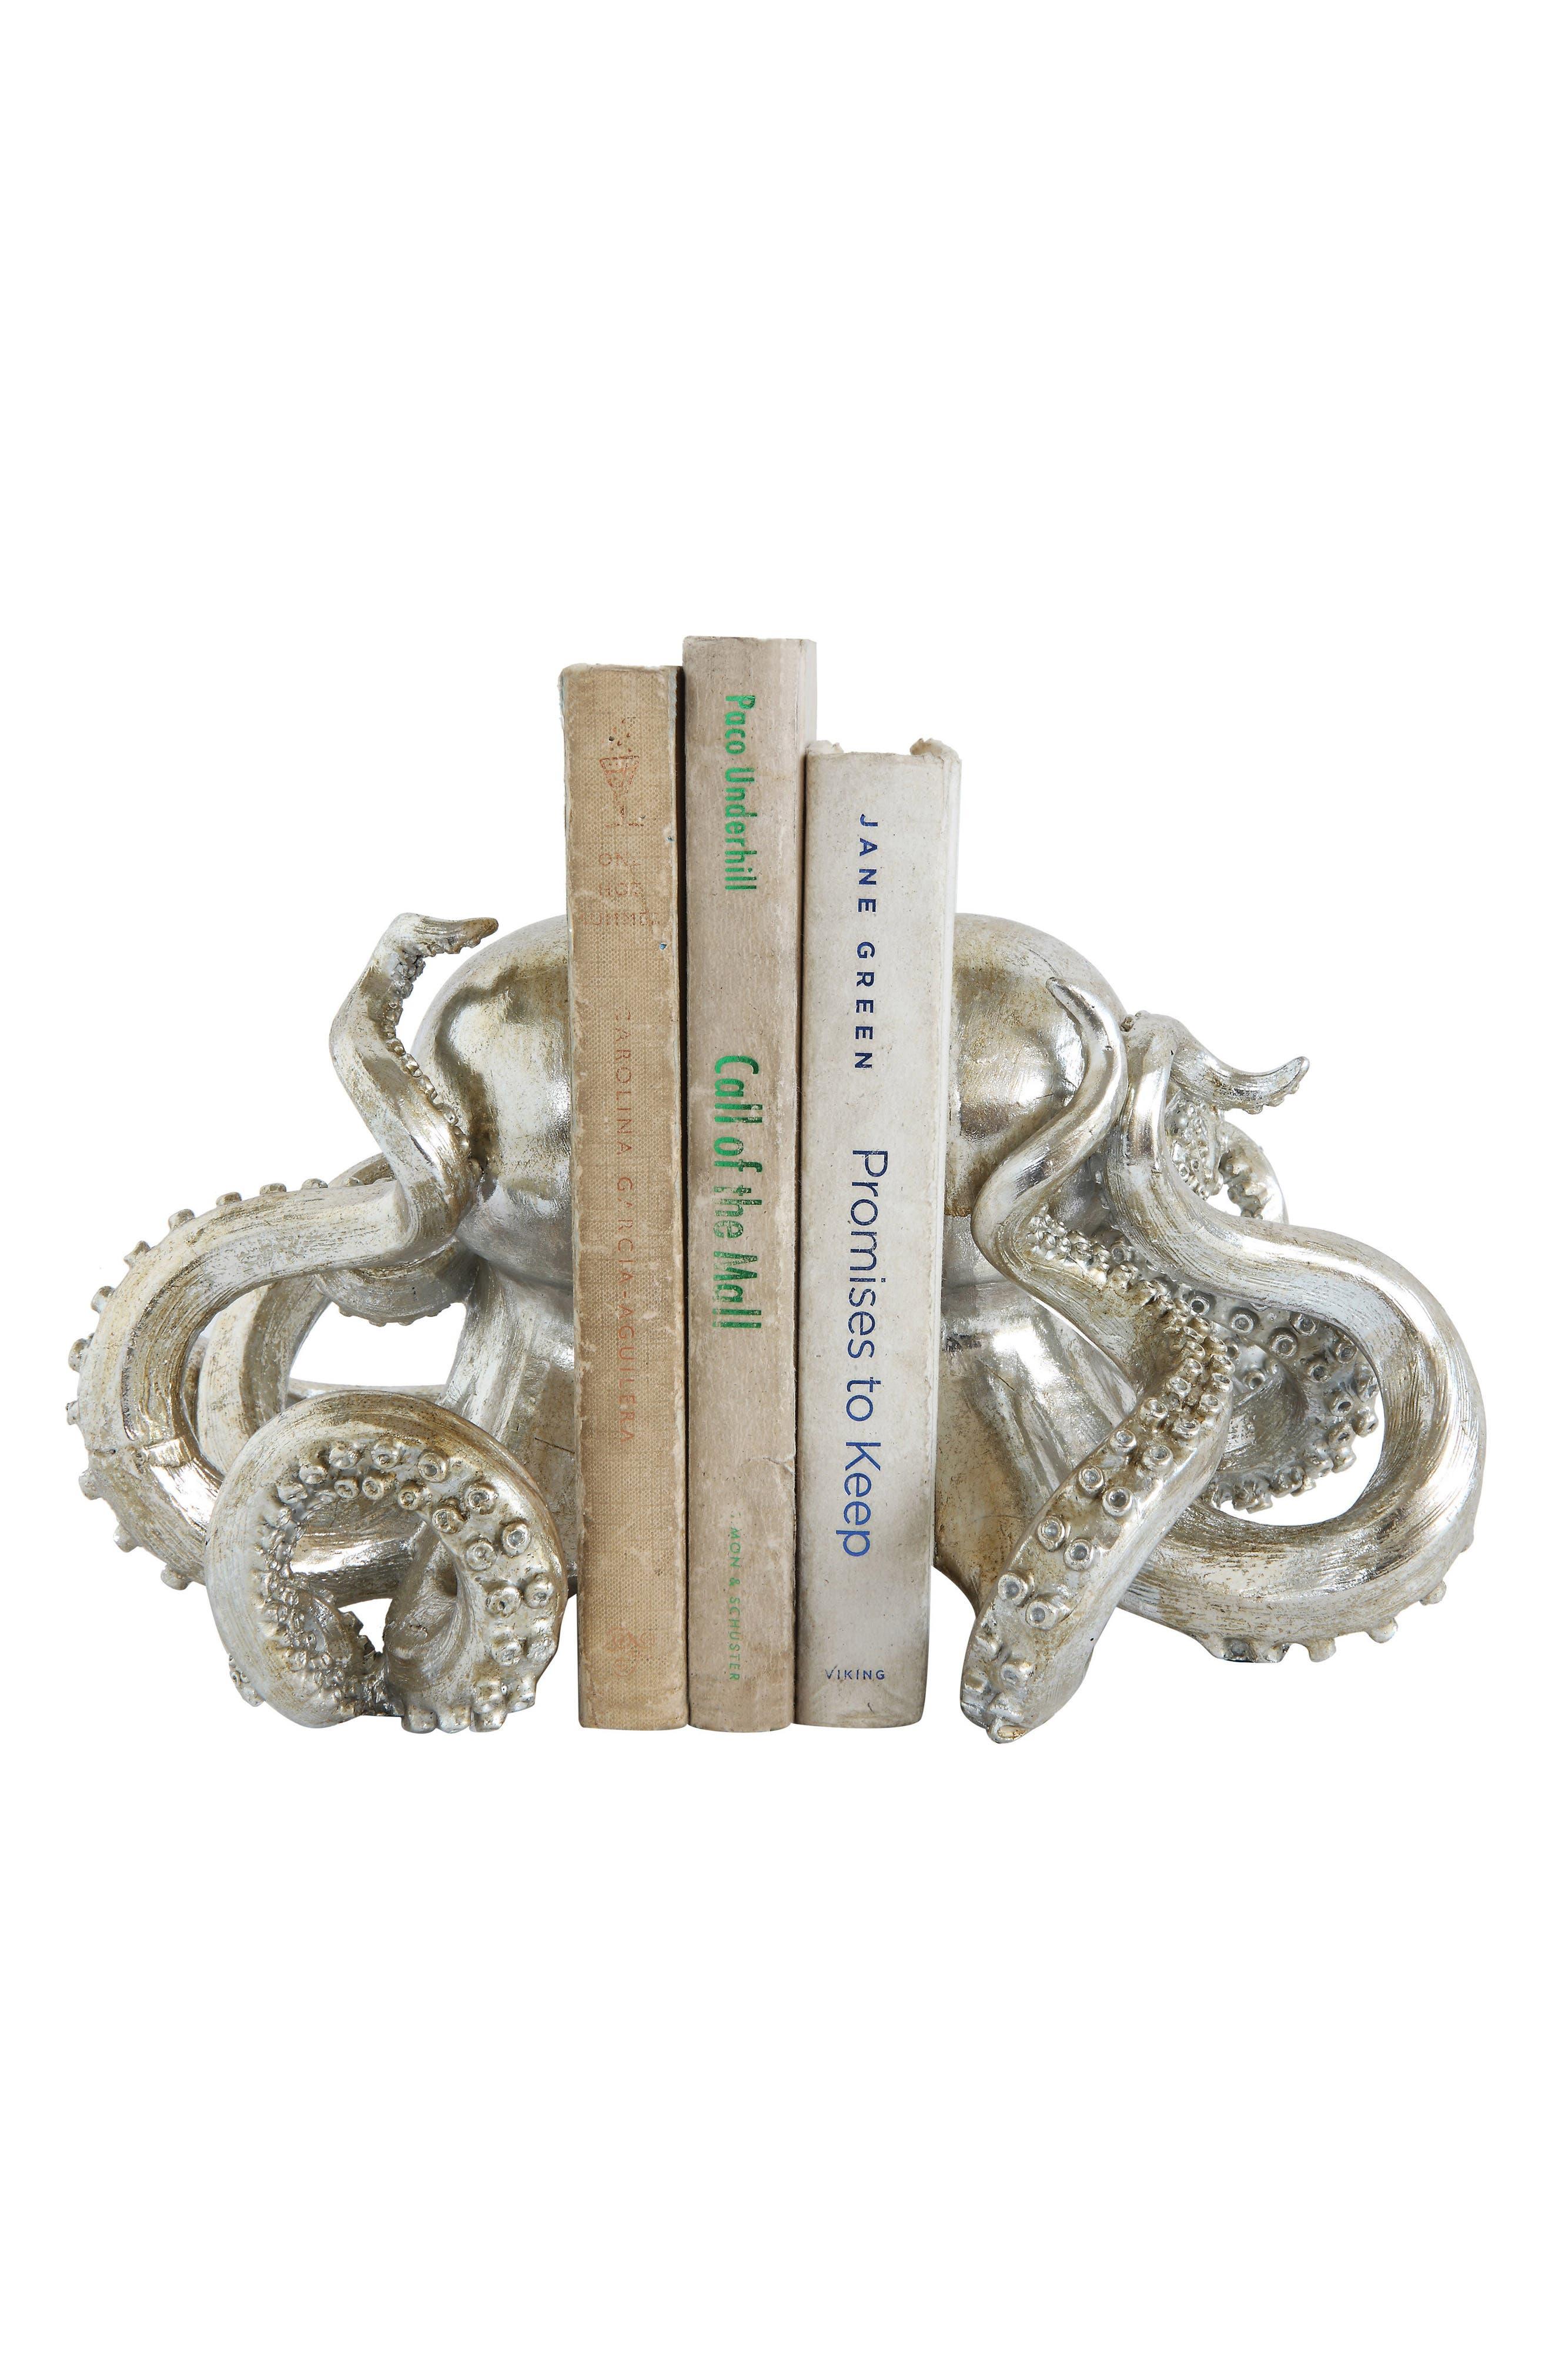 Octopus Bookends,                             Main thumbnail 1, color,                             Metallic Silver